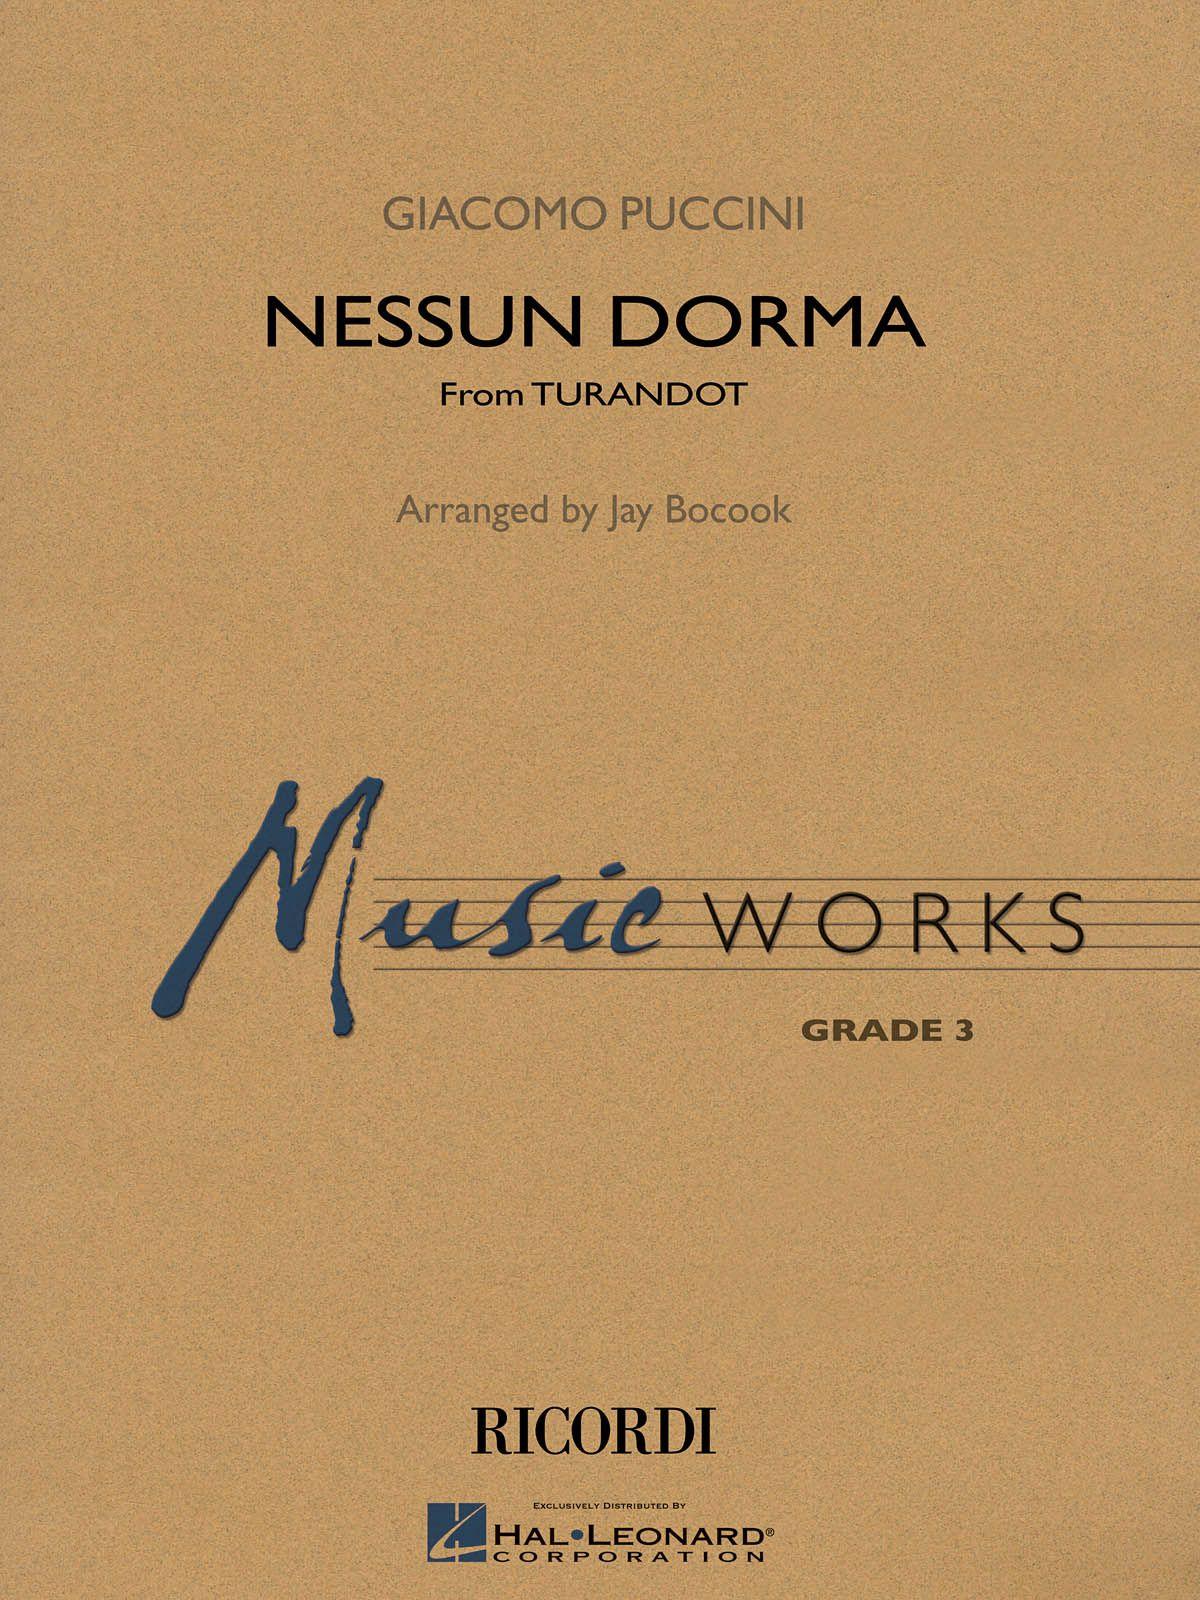 Nessun Dorma (Giacomo Puccini) » Blasorchester Noten